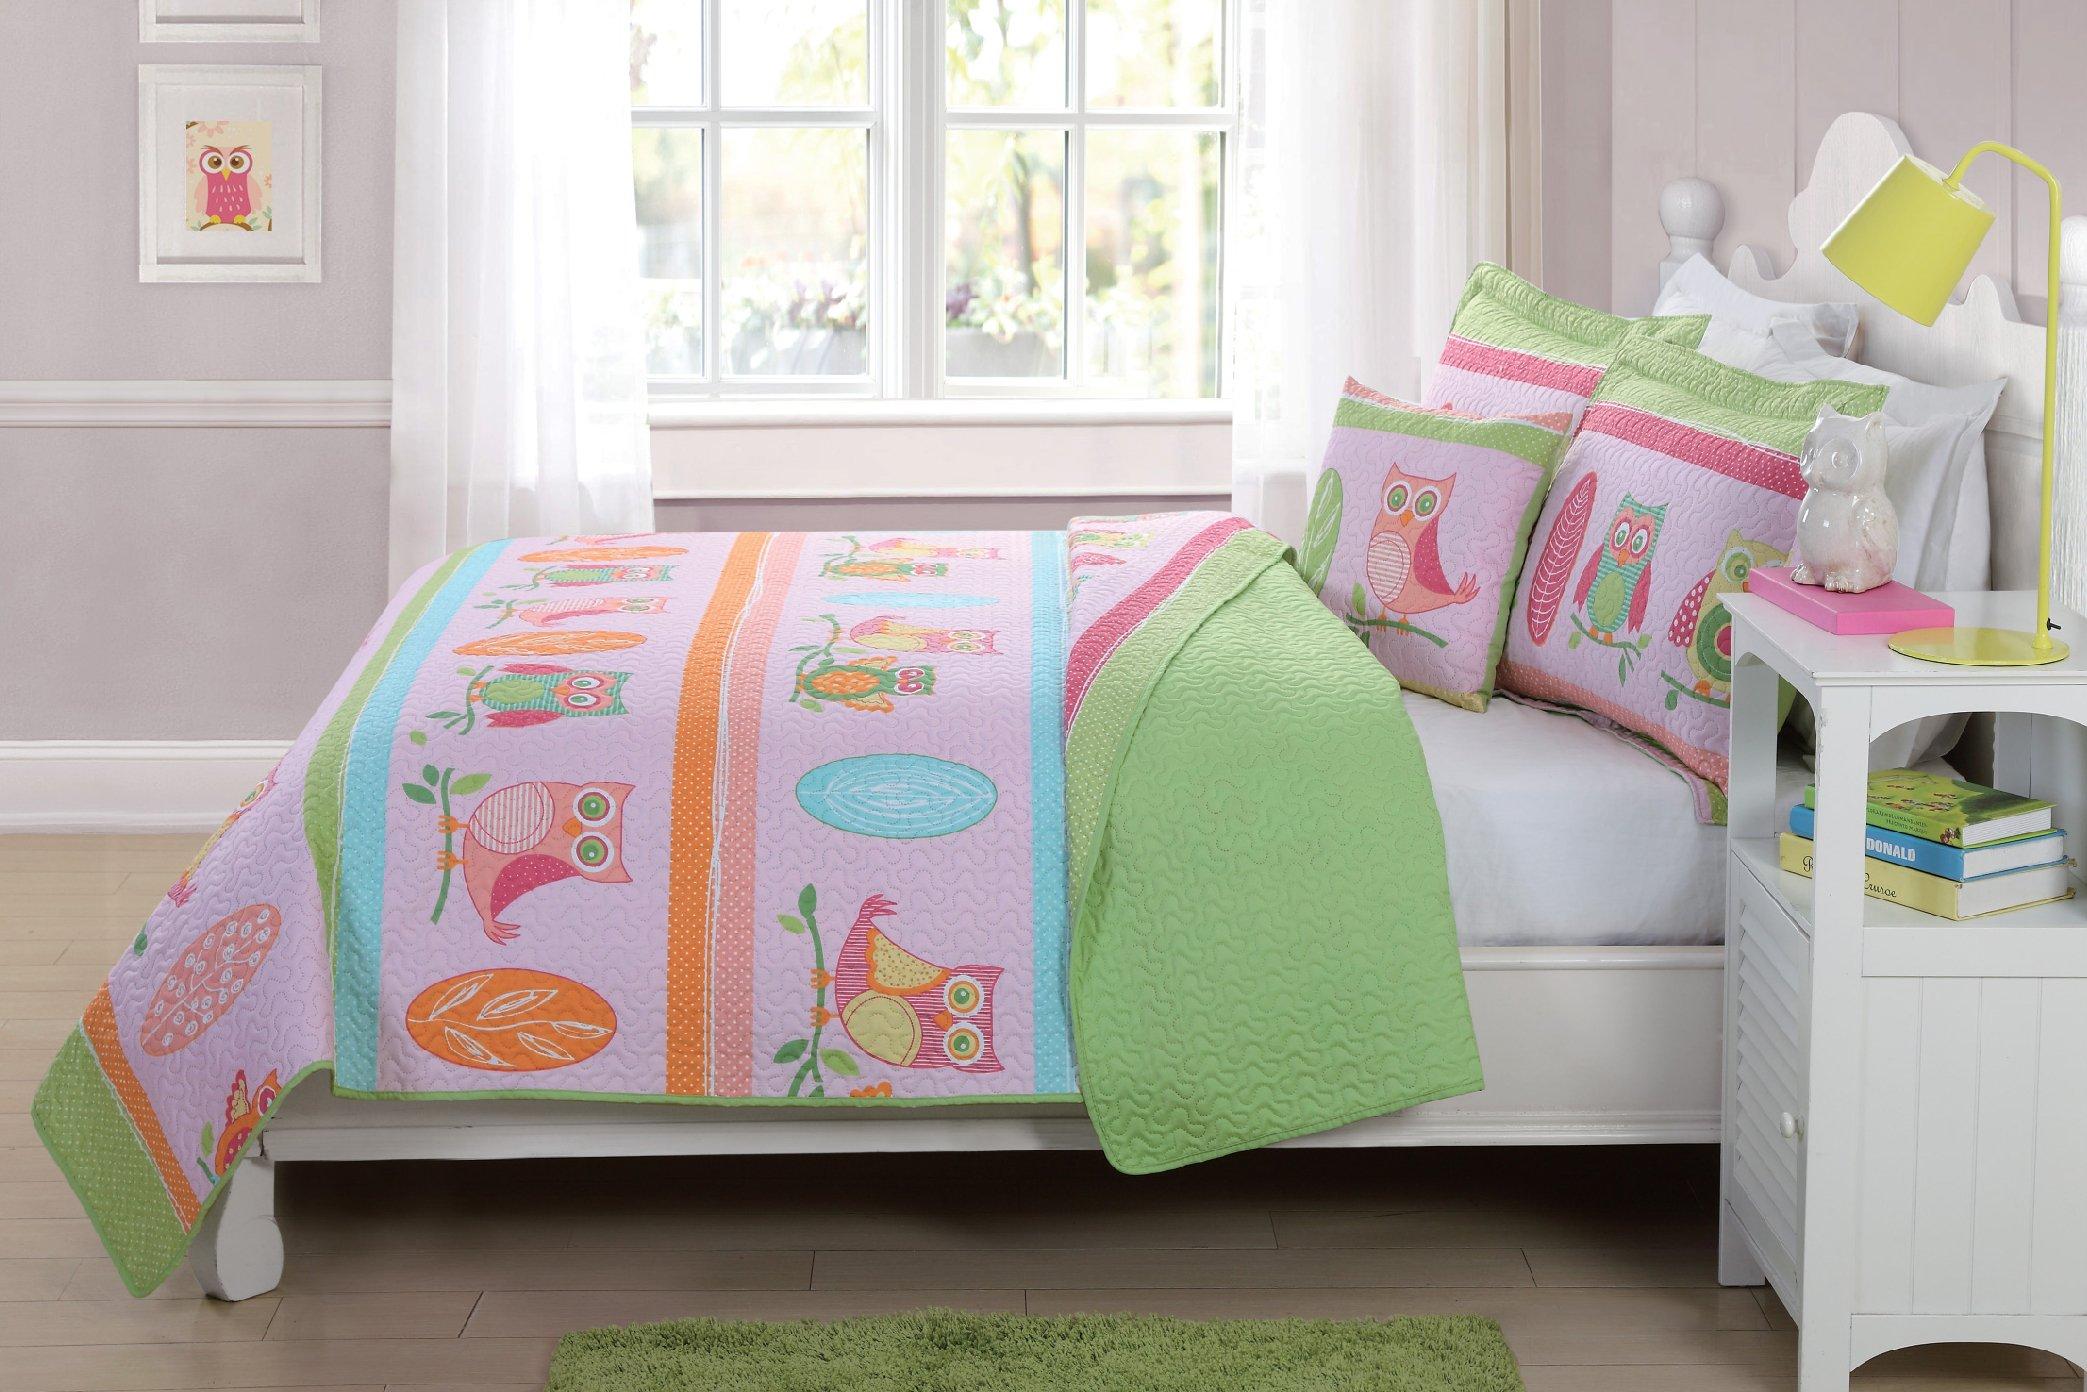 Fancy Linen Bedspread Coverlet 3 PC Twin Size Owl Pink Green Blue Orange Reversible Kids/Teens/Girls New # Hoot